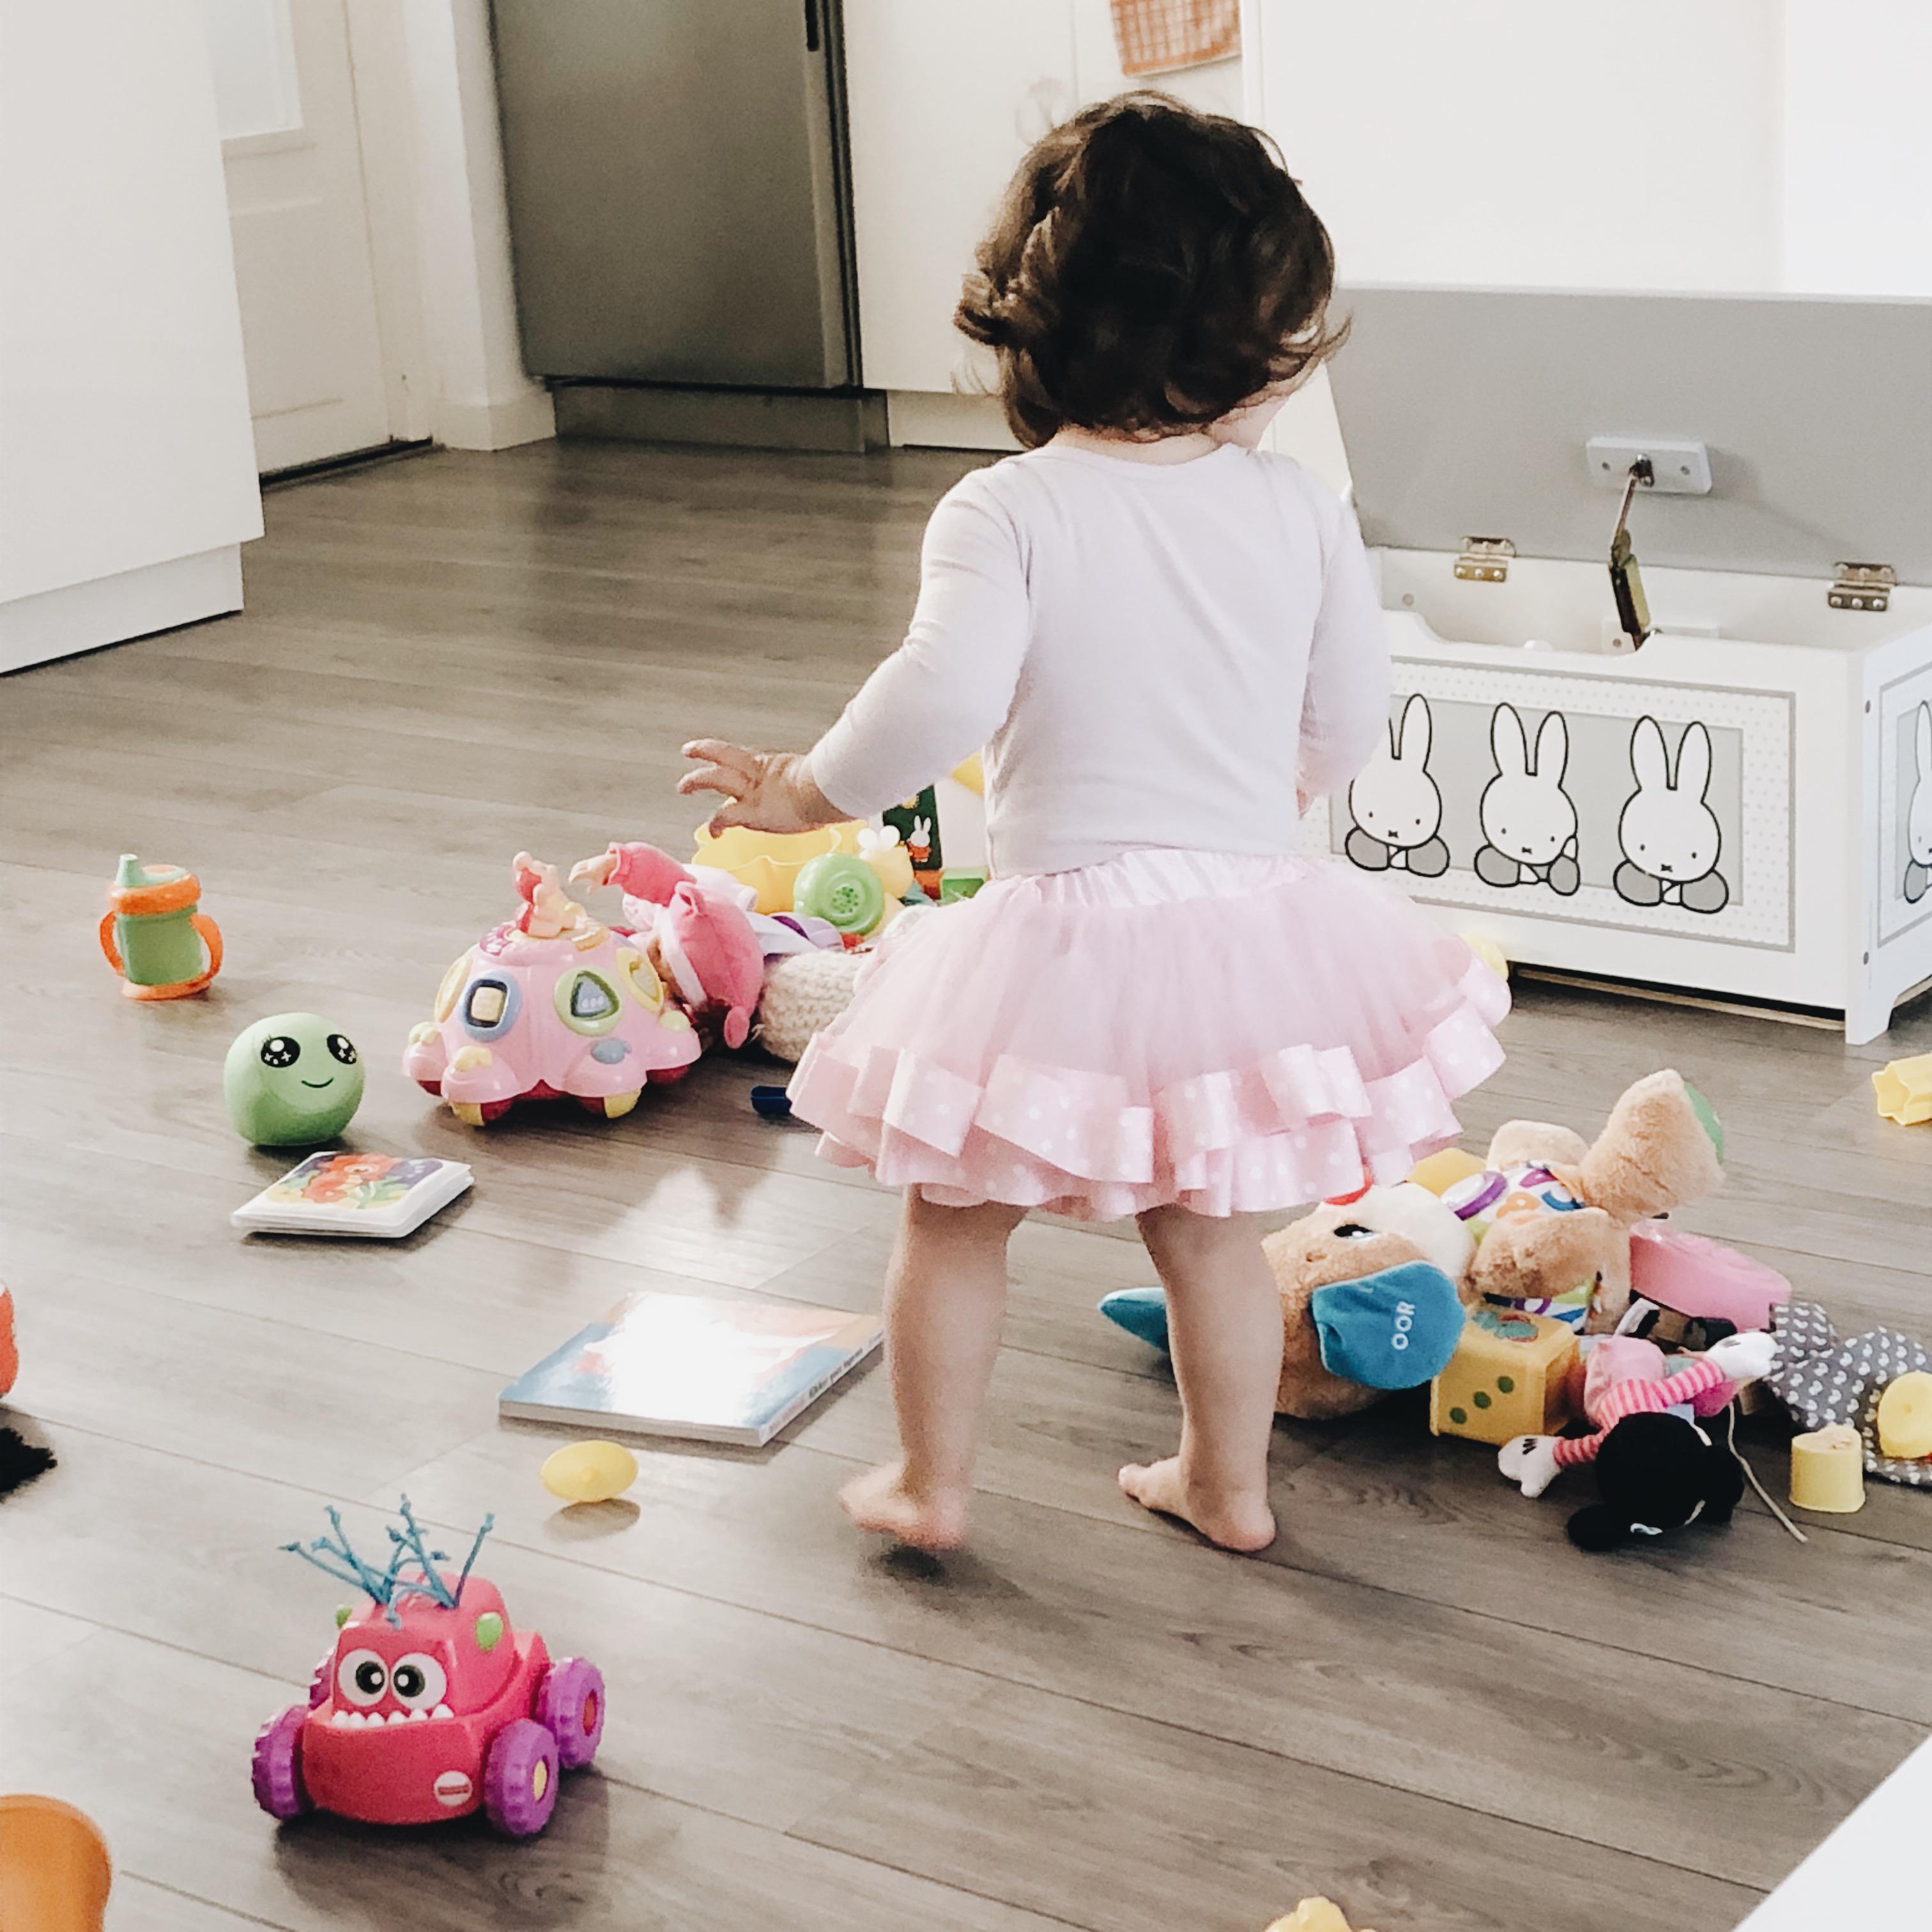 Kinderdagverblijf: Mijn ervaring en tips